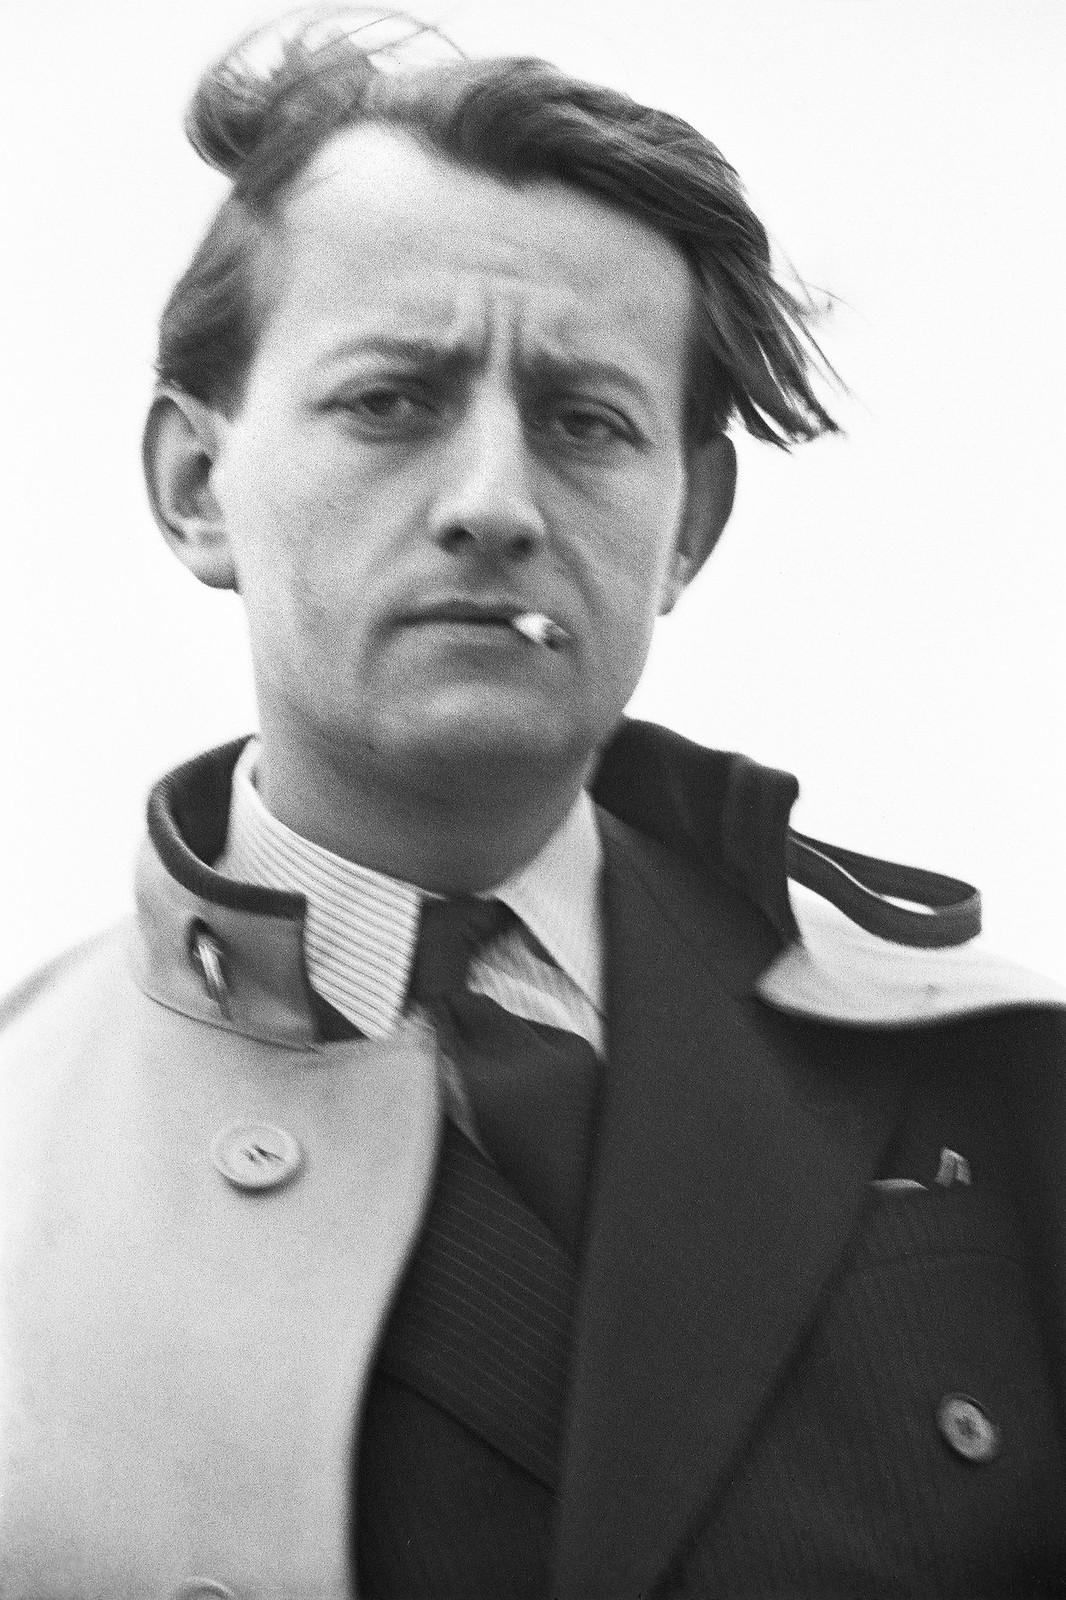 1935. Андре Мальро (французский писатель, культуролог, герой Французского Сопротивления, идеолог Пятой республики, министр культуры в правительстве де Голля)